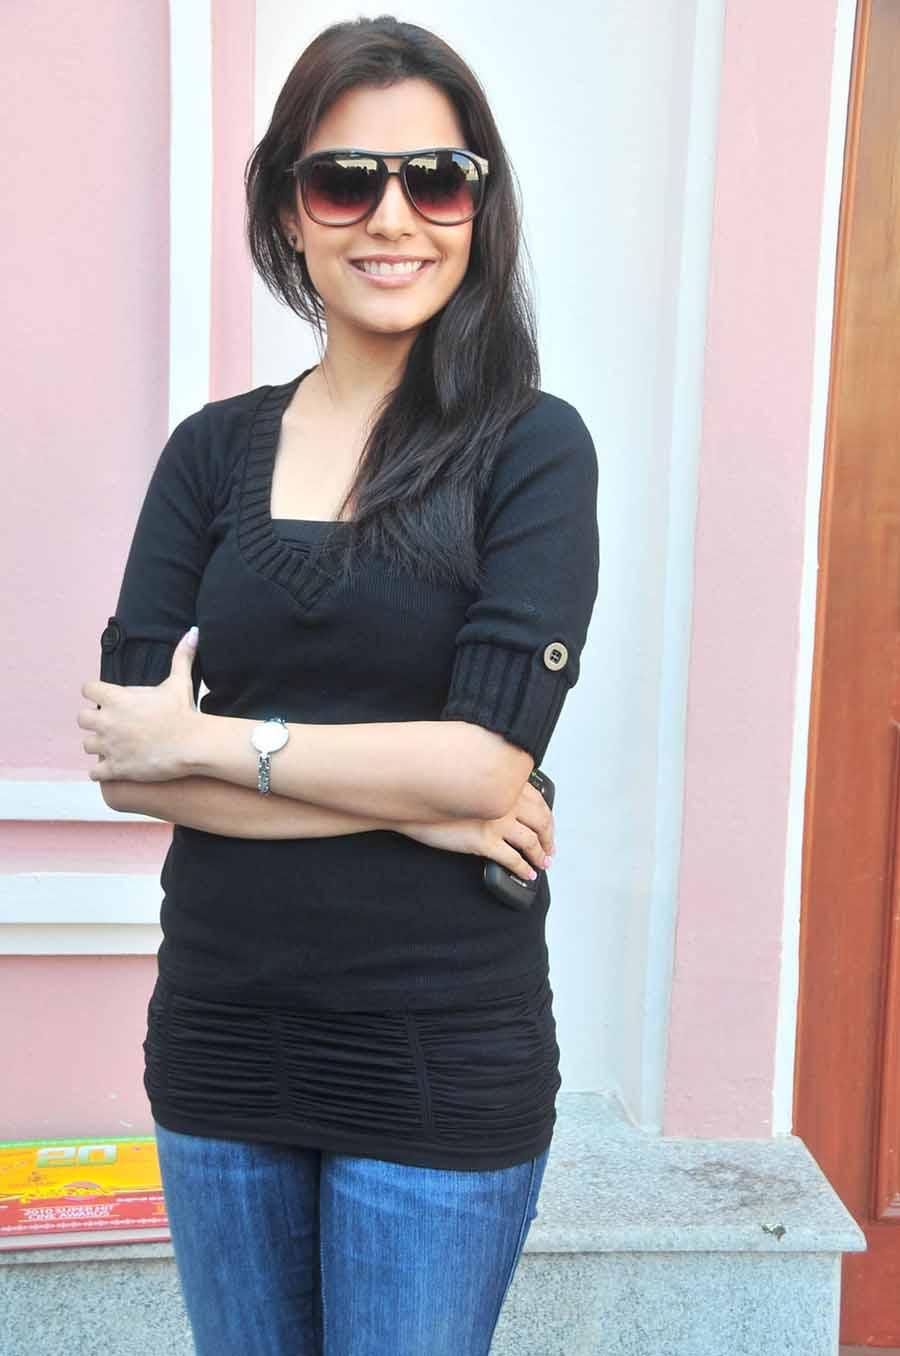 Deepakc 190 Nisha Agarwal Sister Of Kagal Agarwal Hot -7453